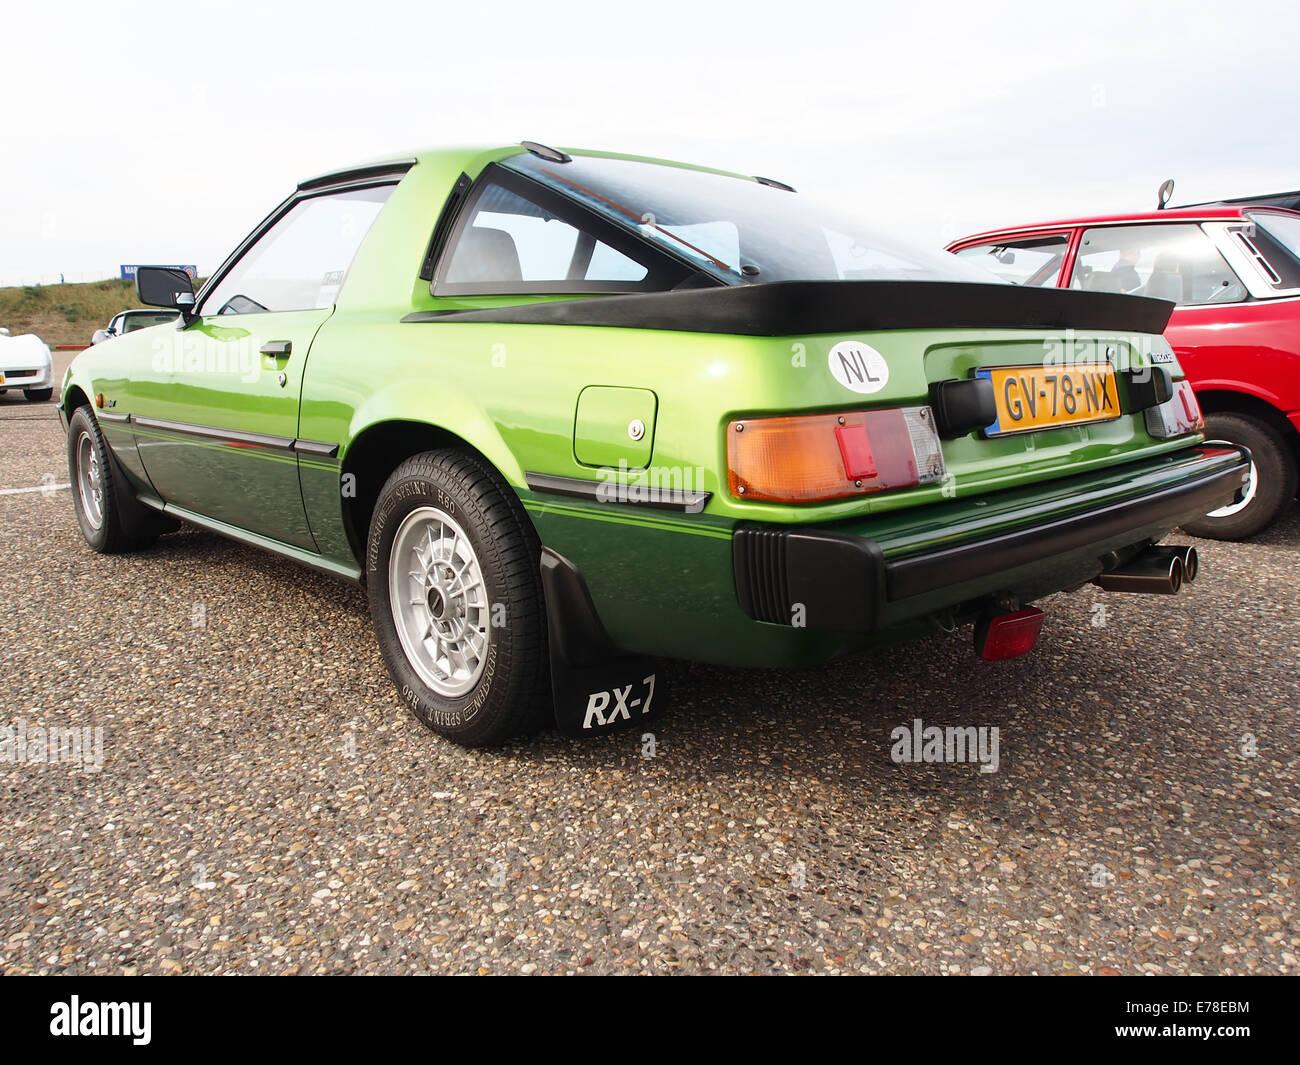 1981 Mazda RX-7, la licence GV-78-NX, pic2 Photo Stock